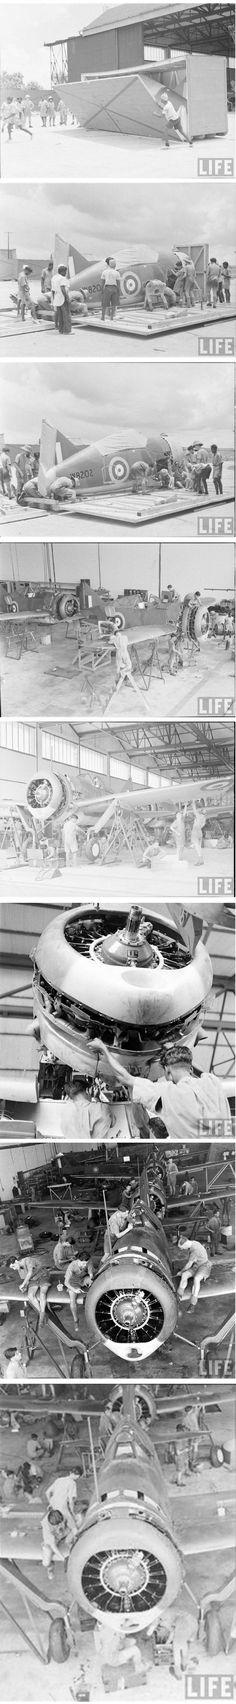 RAF Brewster Buffalo in Singapore, 1941